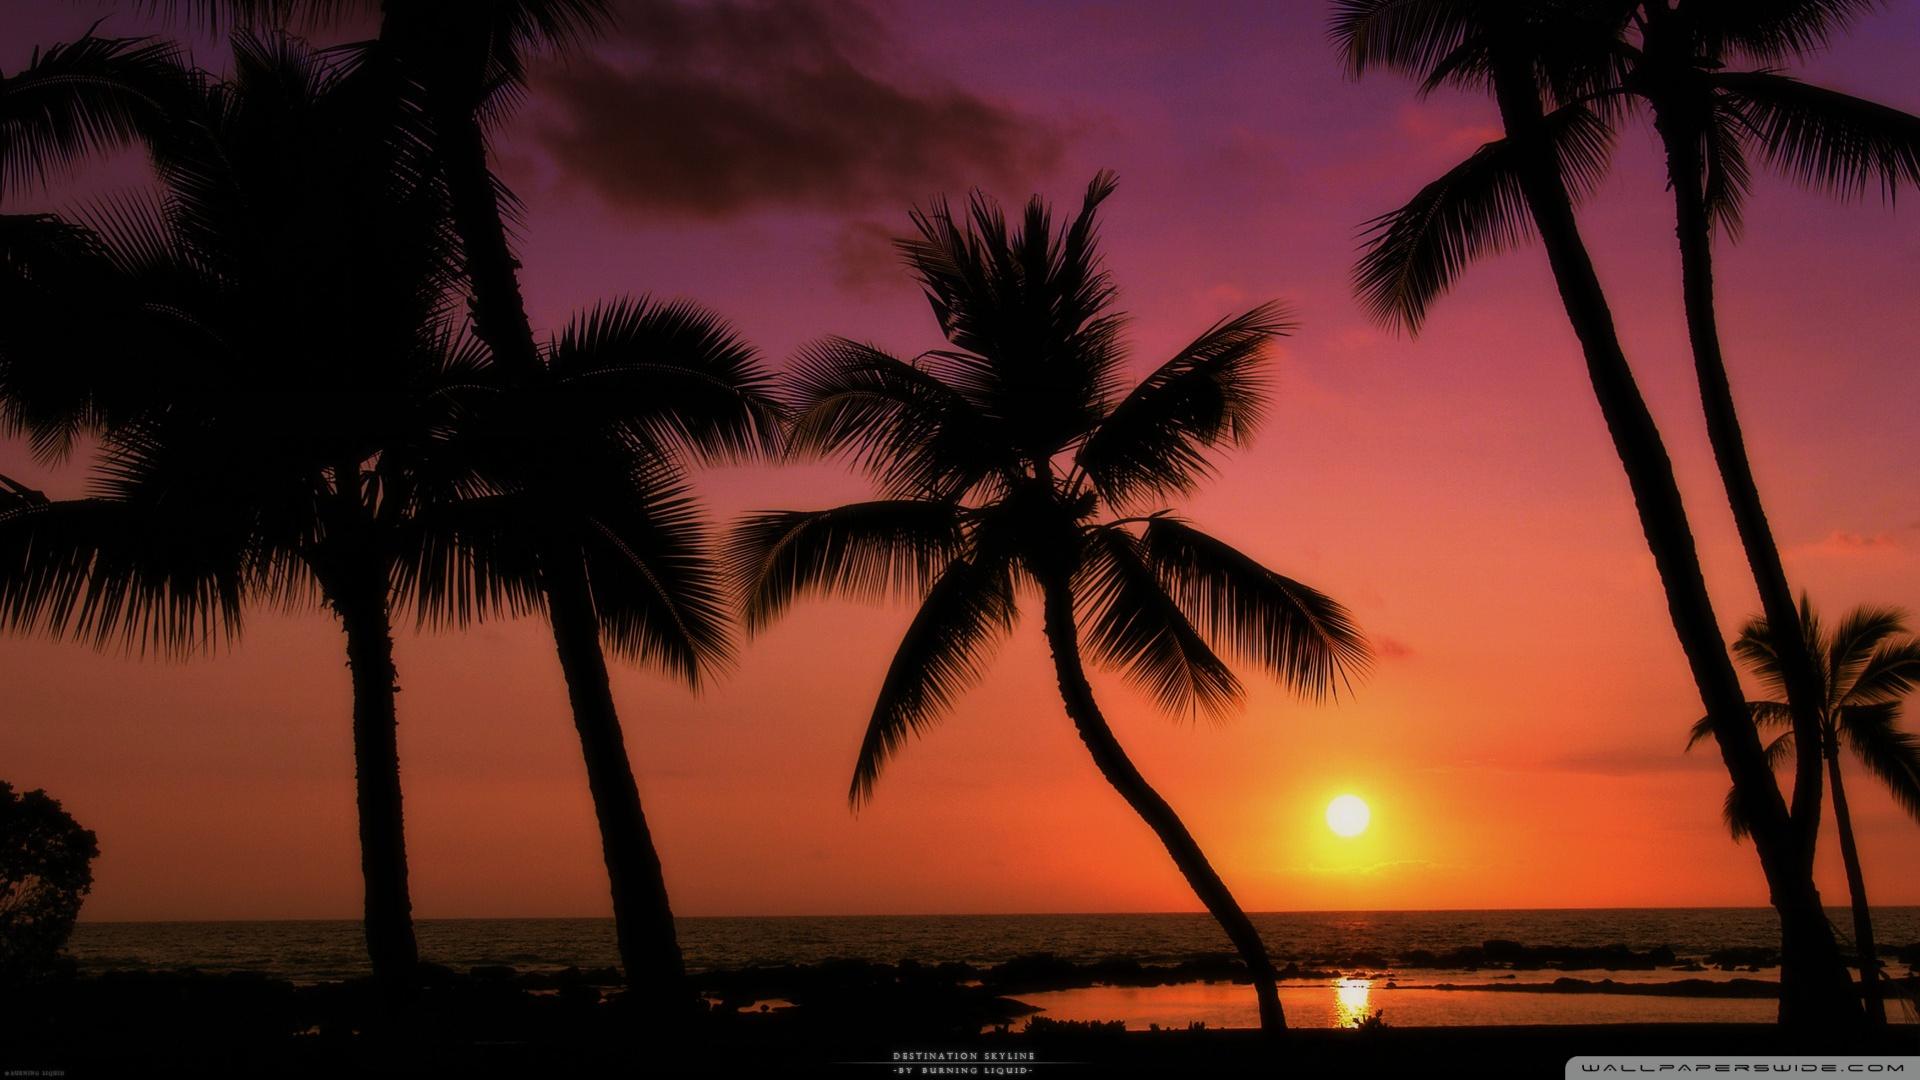 Tropical Island Beach Sunset: [39+] Tropical Beach Sunset Wallpaper Desktop On